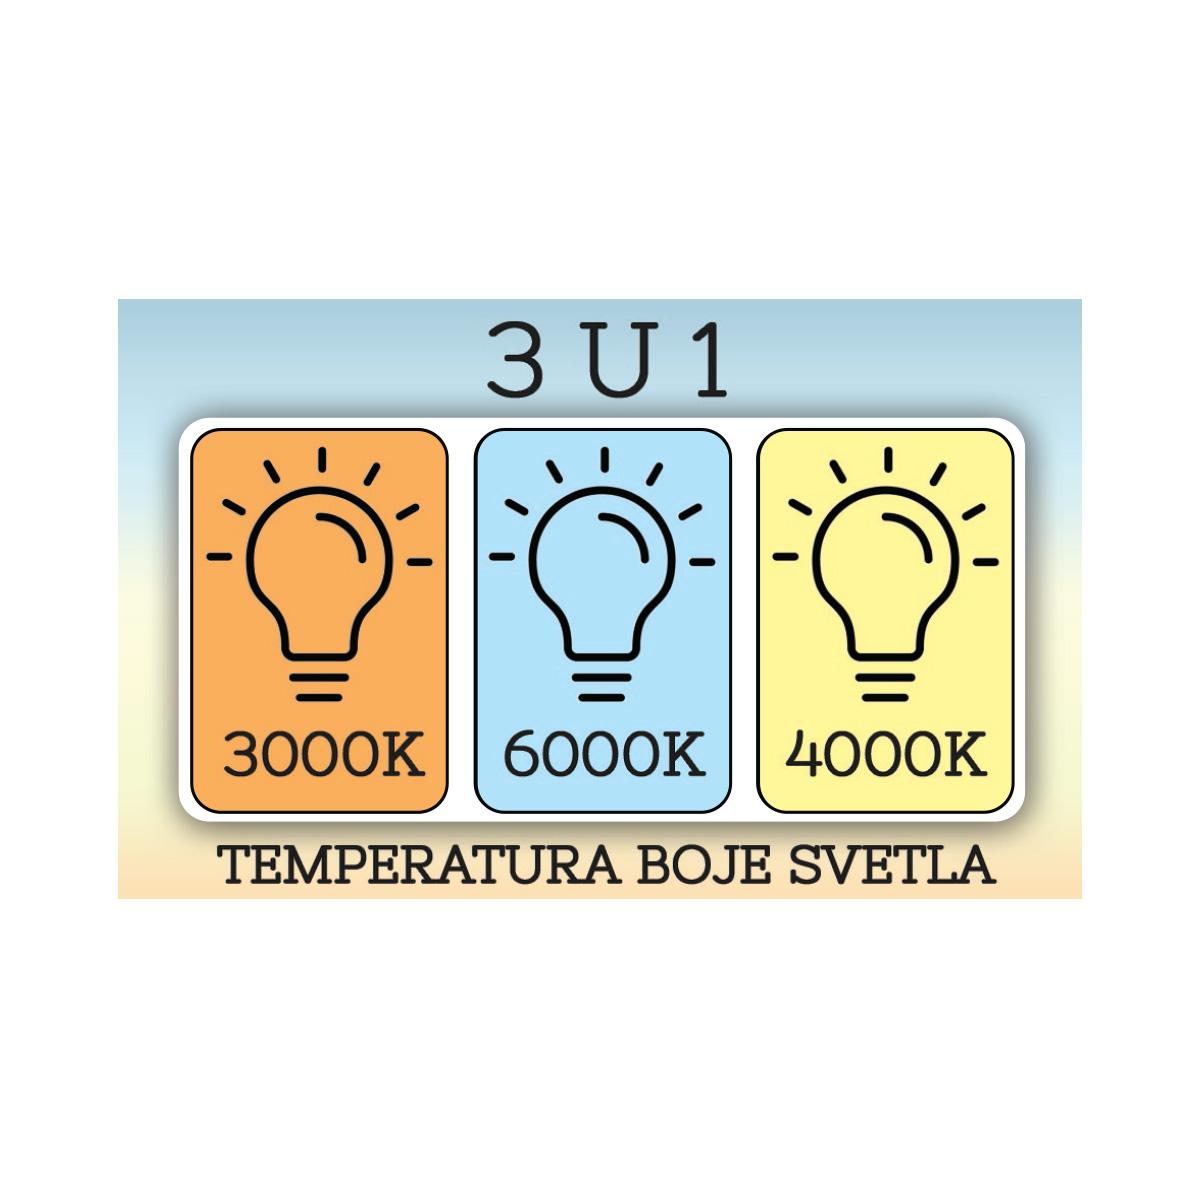 Led plafonjera 1.0151-P500